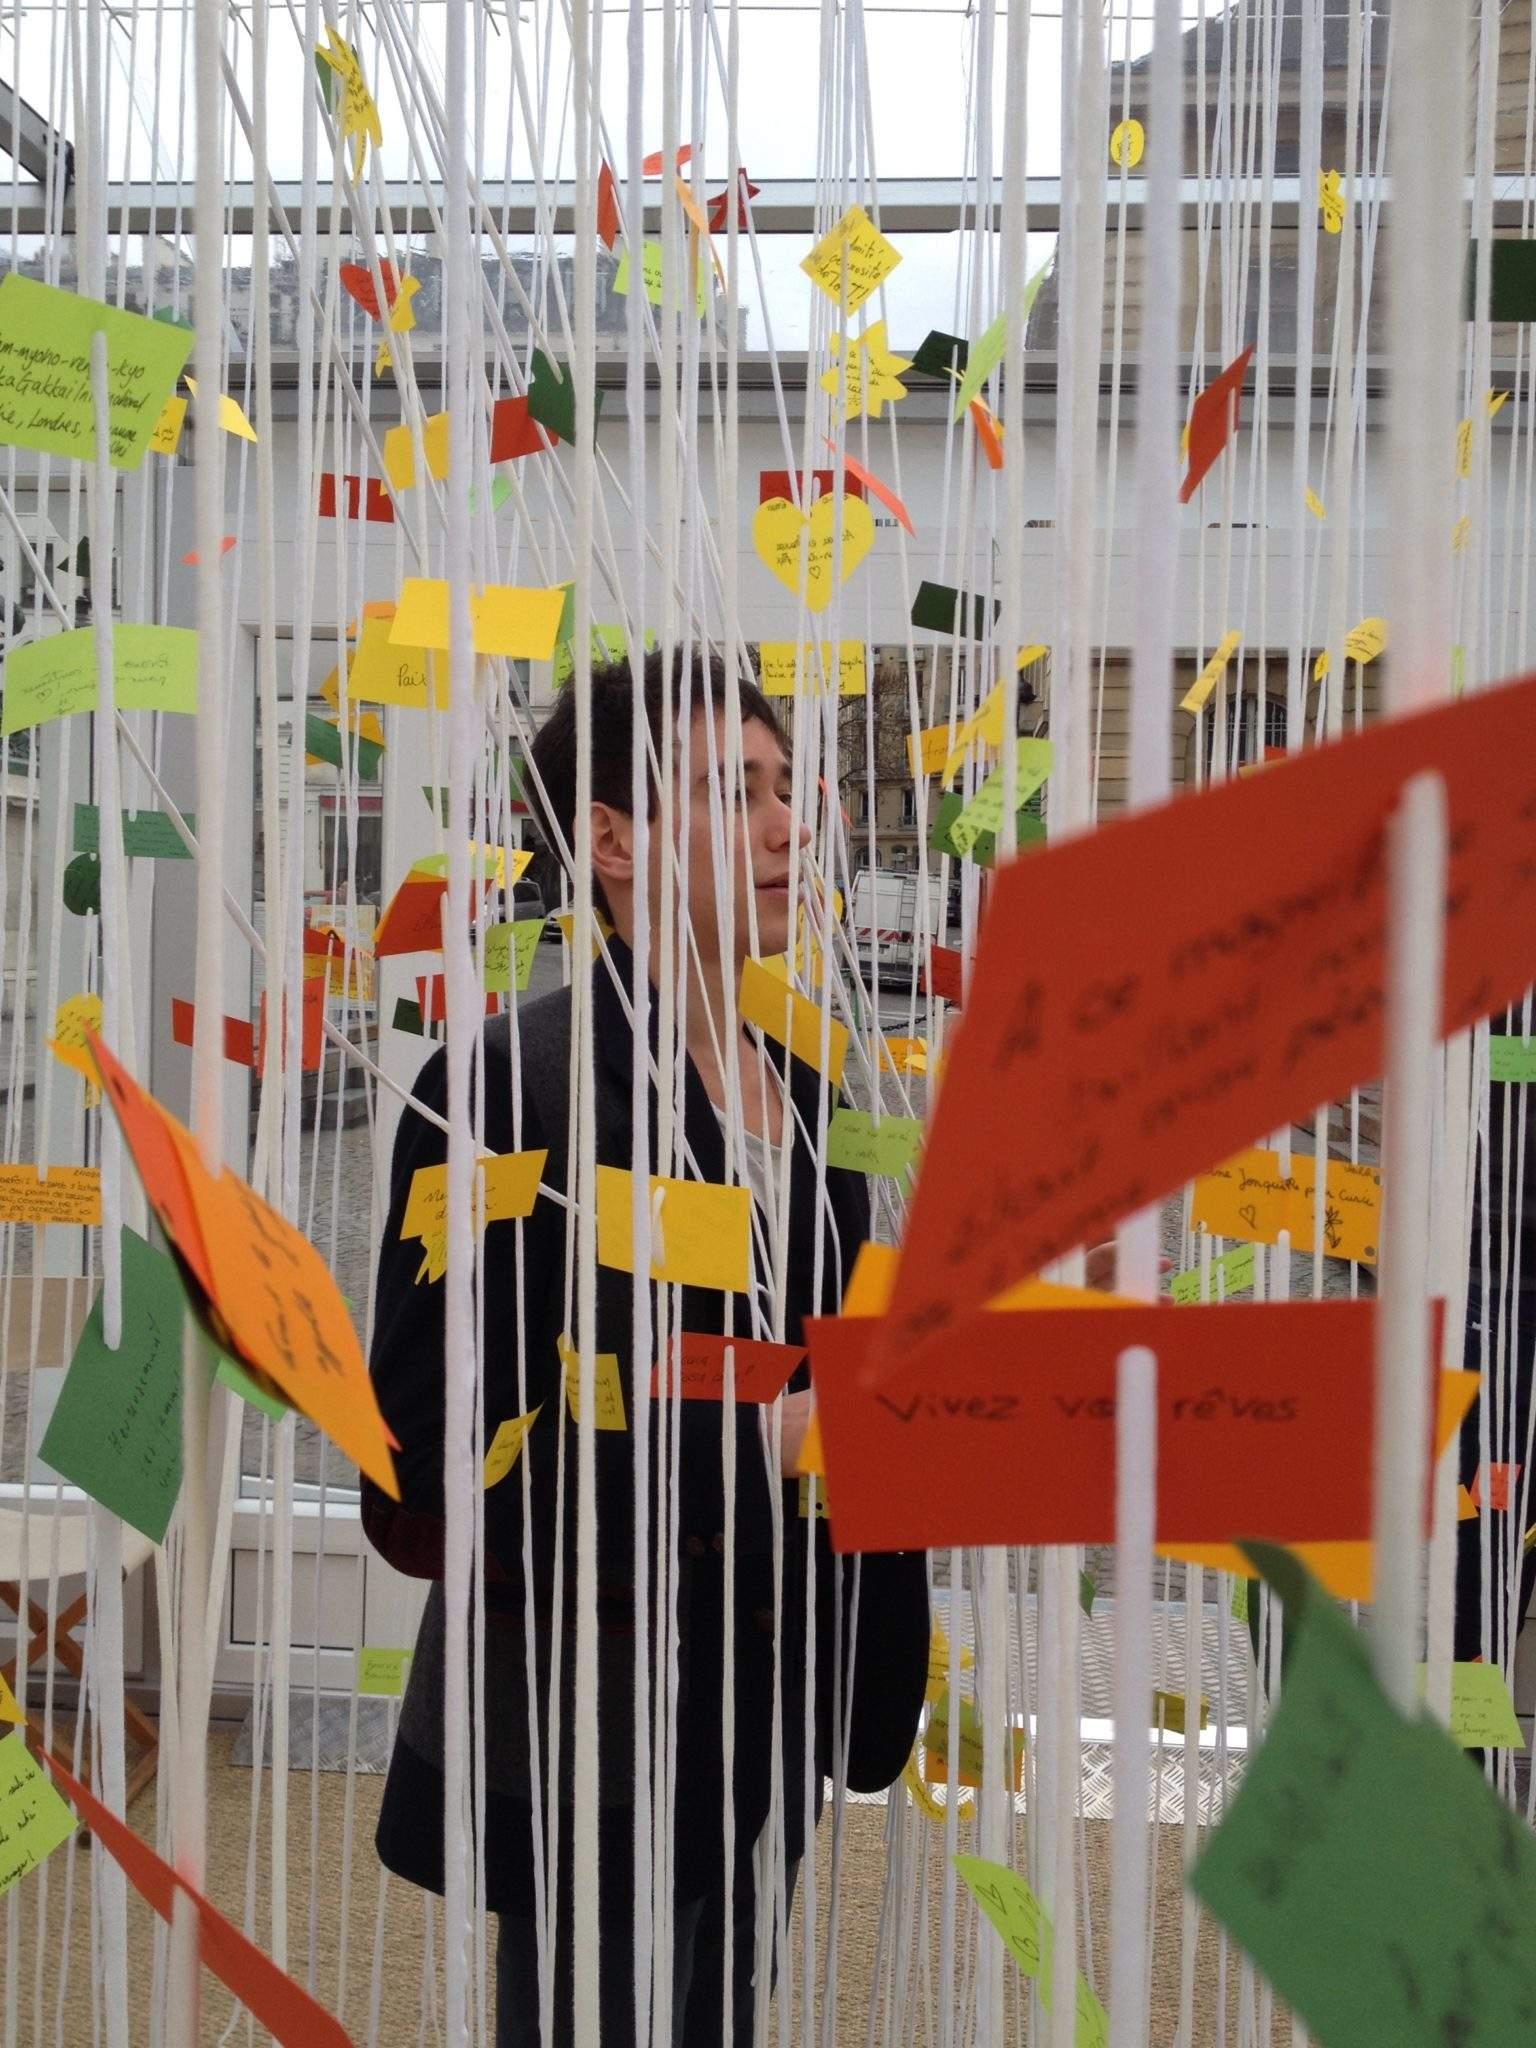 La Forêt des messages #1 / The foret messages 10